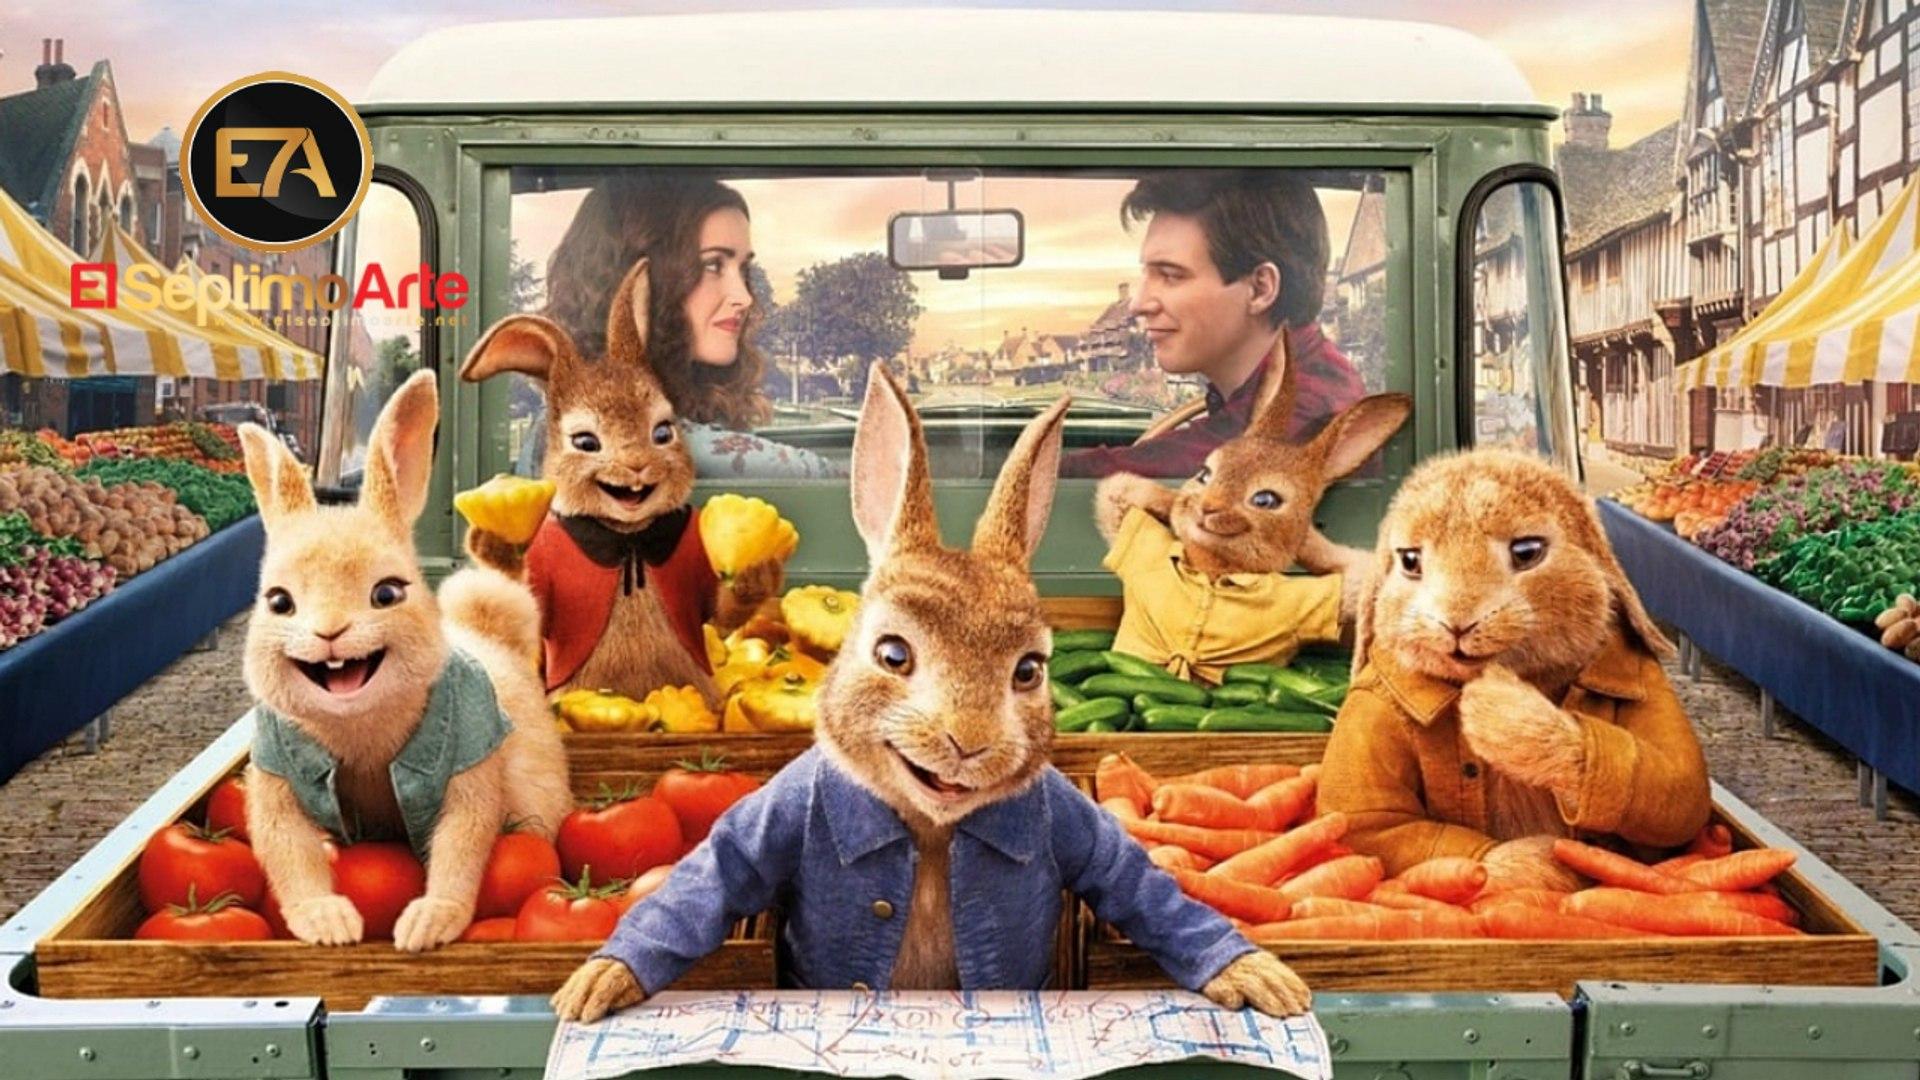 Kết quả hình ảnh cho Peter Rabbit 2: The Runaway